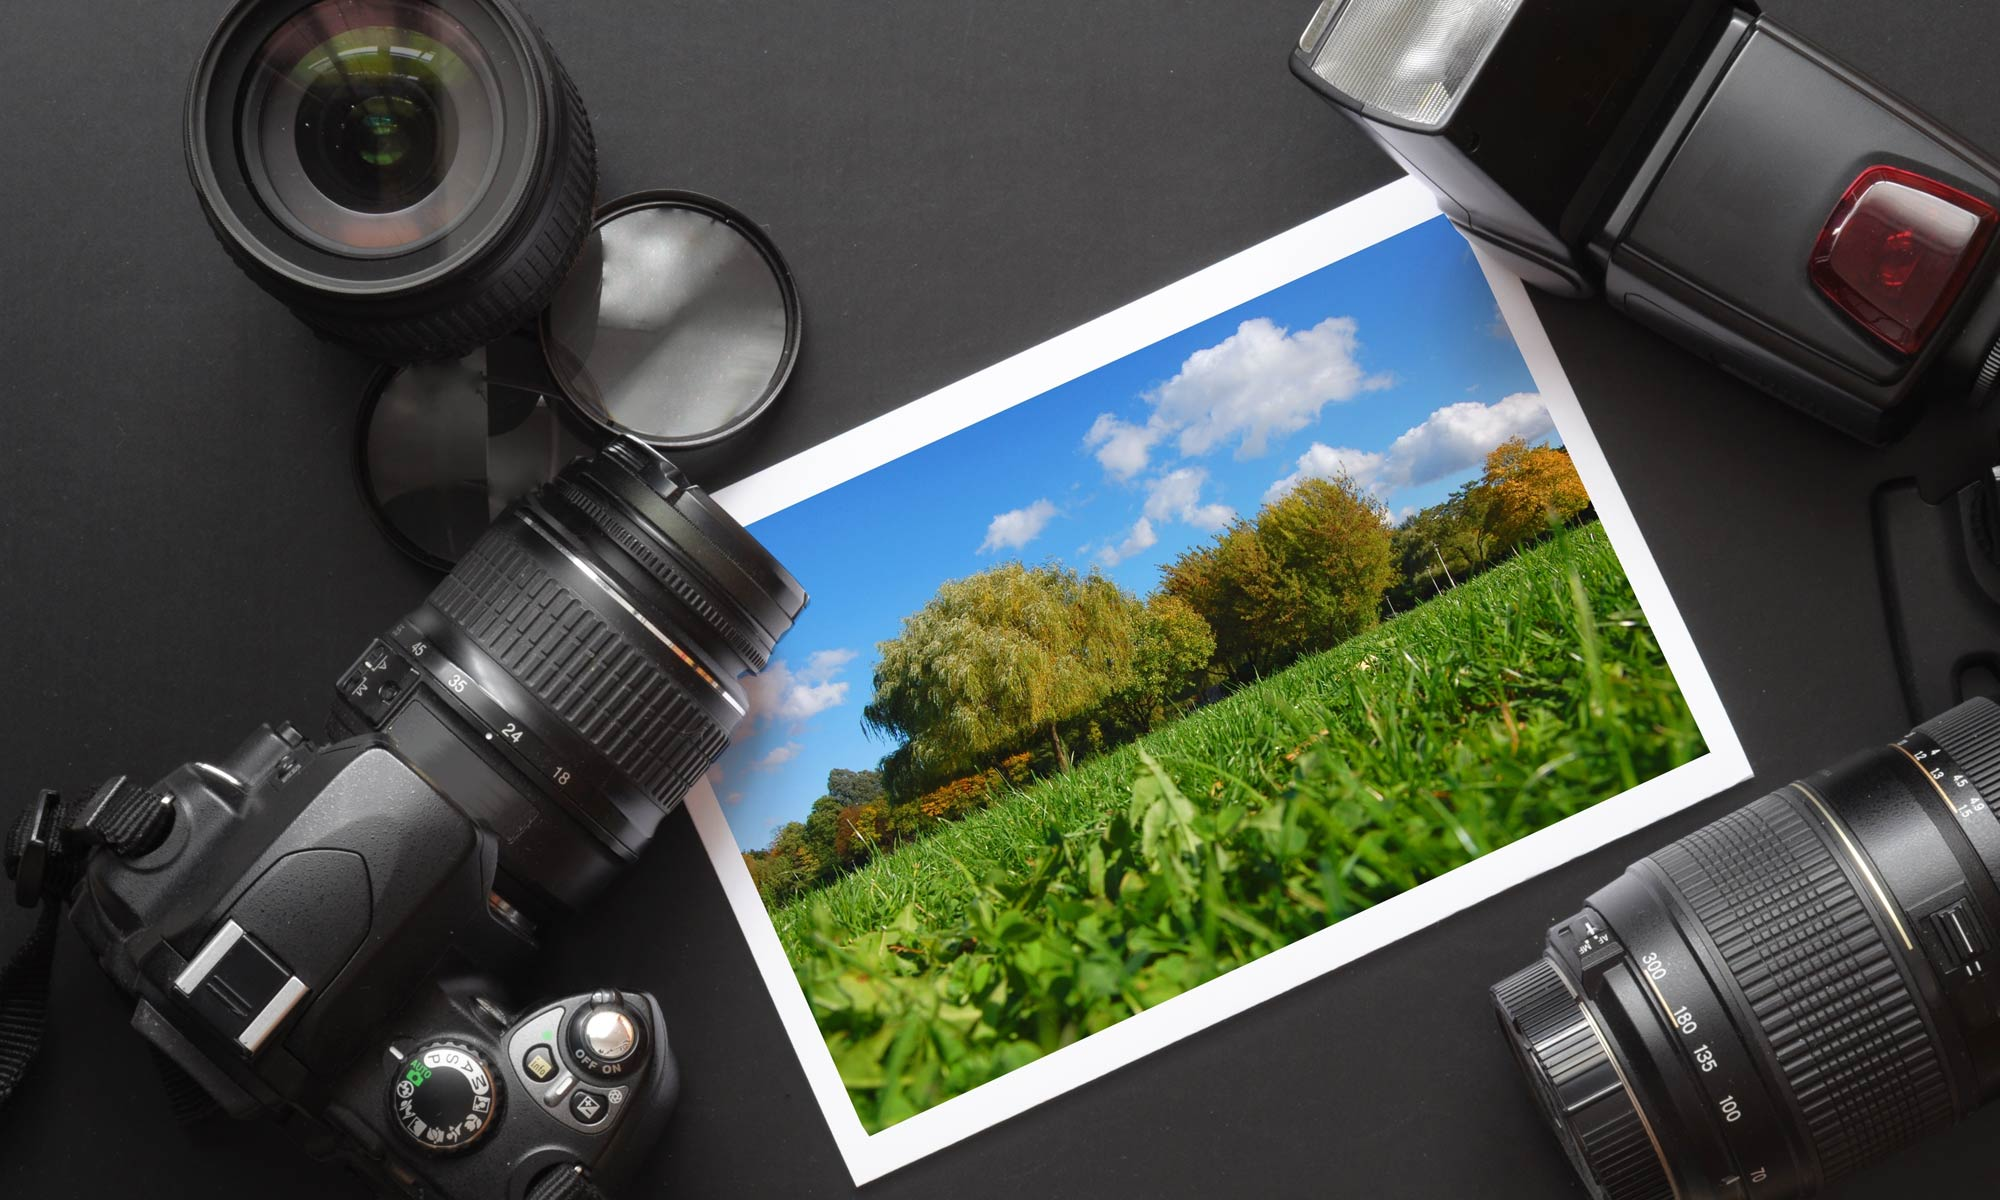 Nikon D5300 Advanced Beginner Dslr Guided Tour Expert Photography Kamera Lensa Kit Af S 18 55mm Vr Ii Camera Lens And Image On Black Background